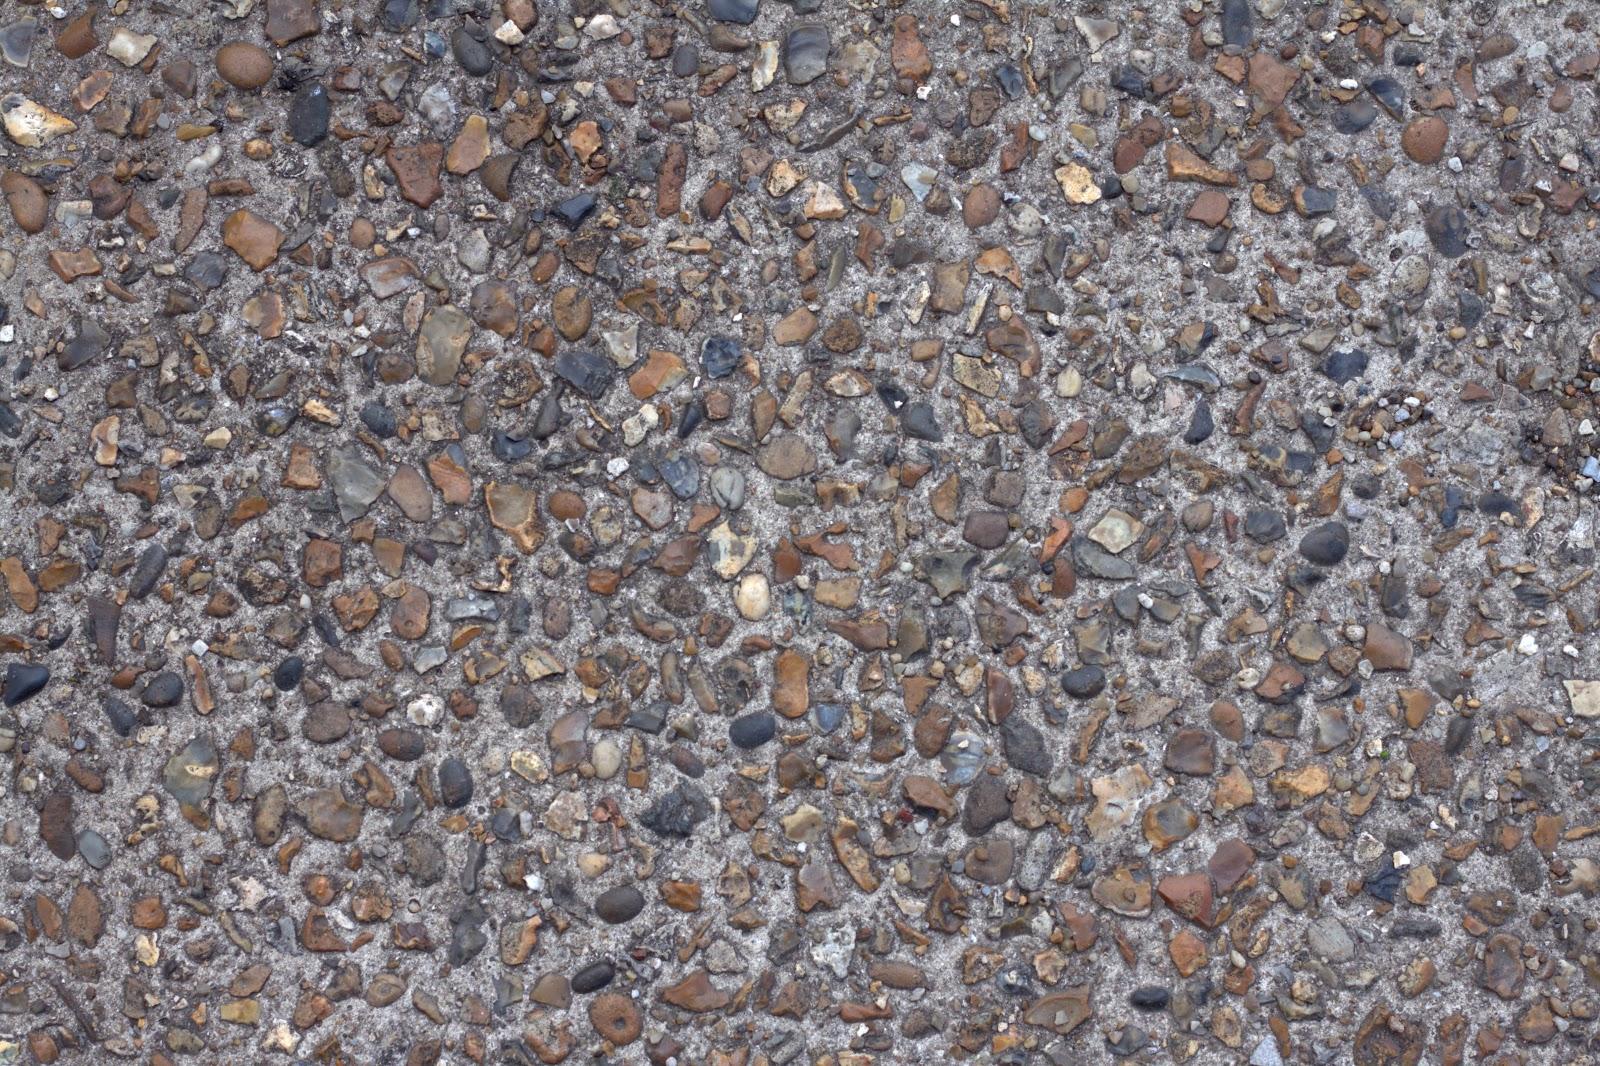 Concrete cobble pebble stone walkway pathway texture ver 2